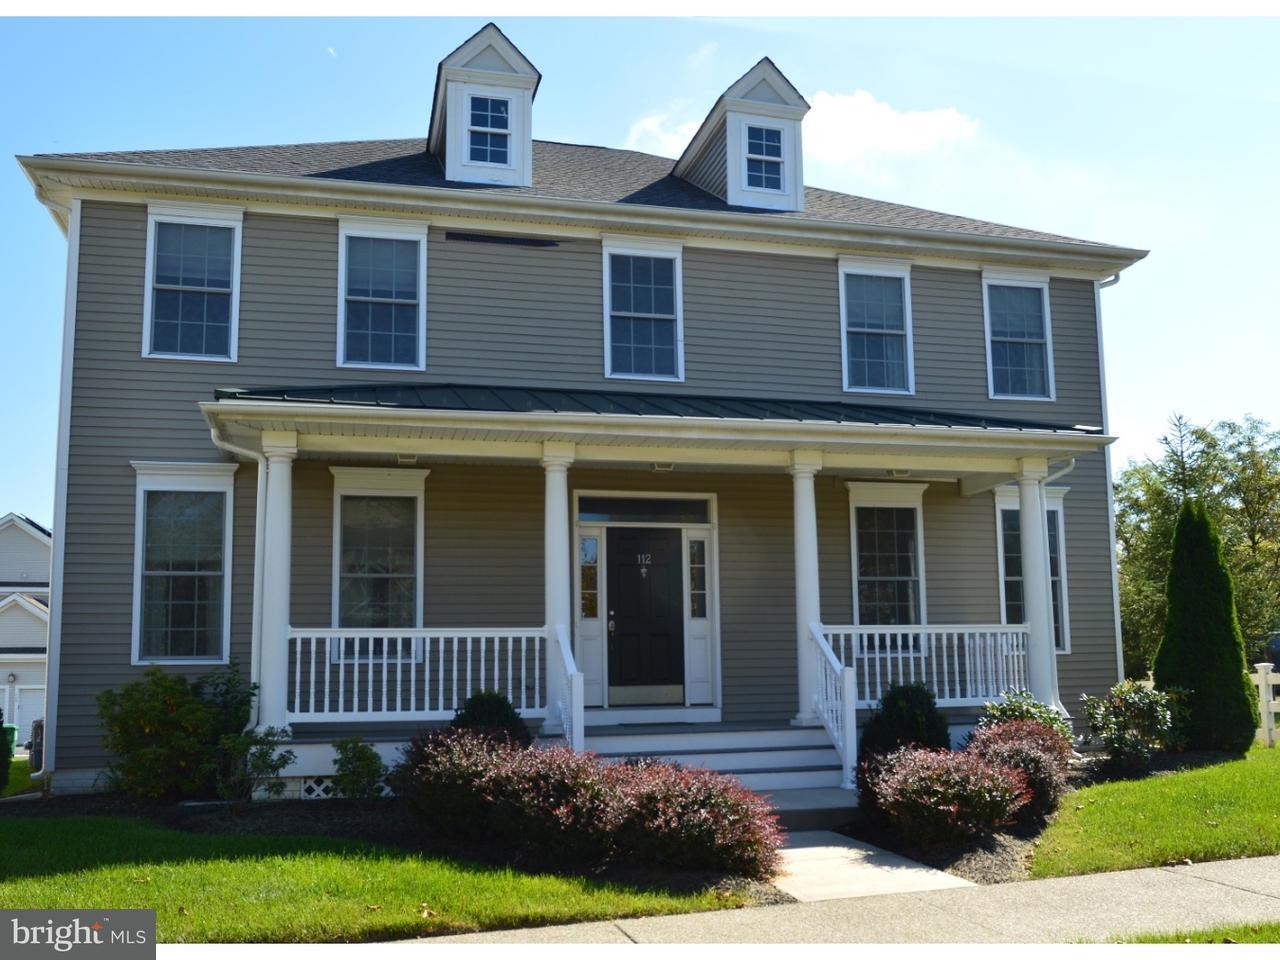 Einfamilienhaus für Verkauf beim 112 PRESERVATION BLVD Chesterfield, New Jersey 08515 Vereinigte StaatenIn/Rund um: Chesterfield Township